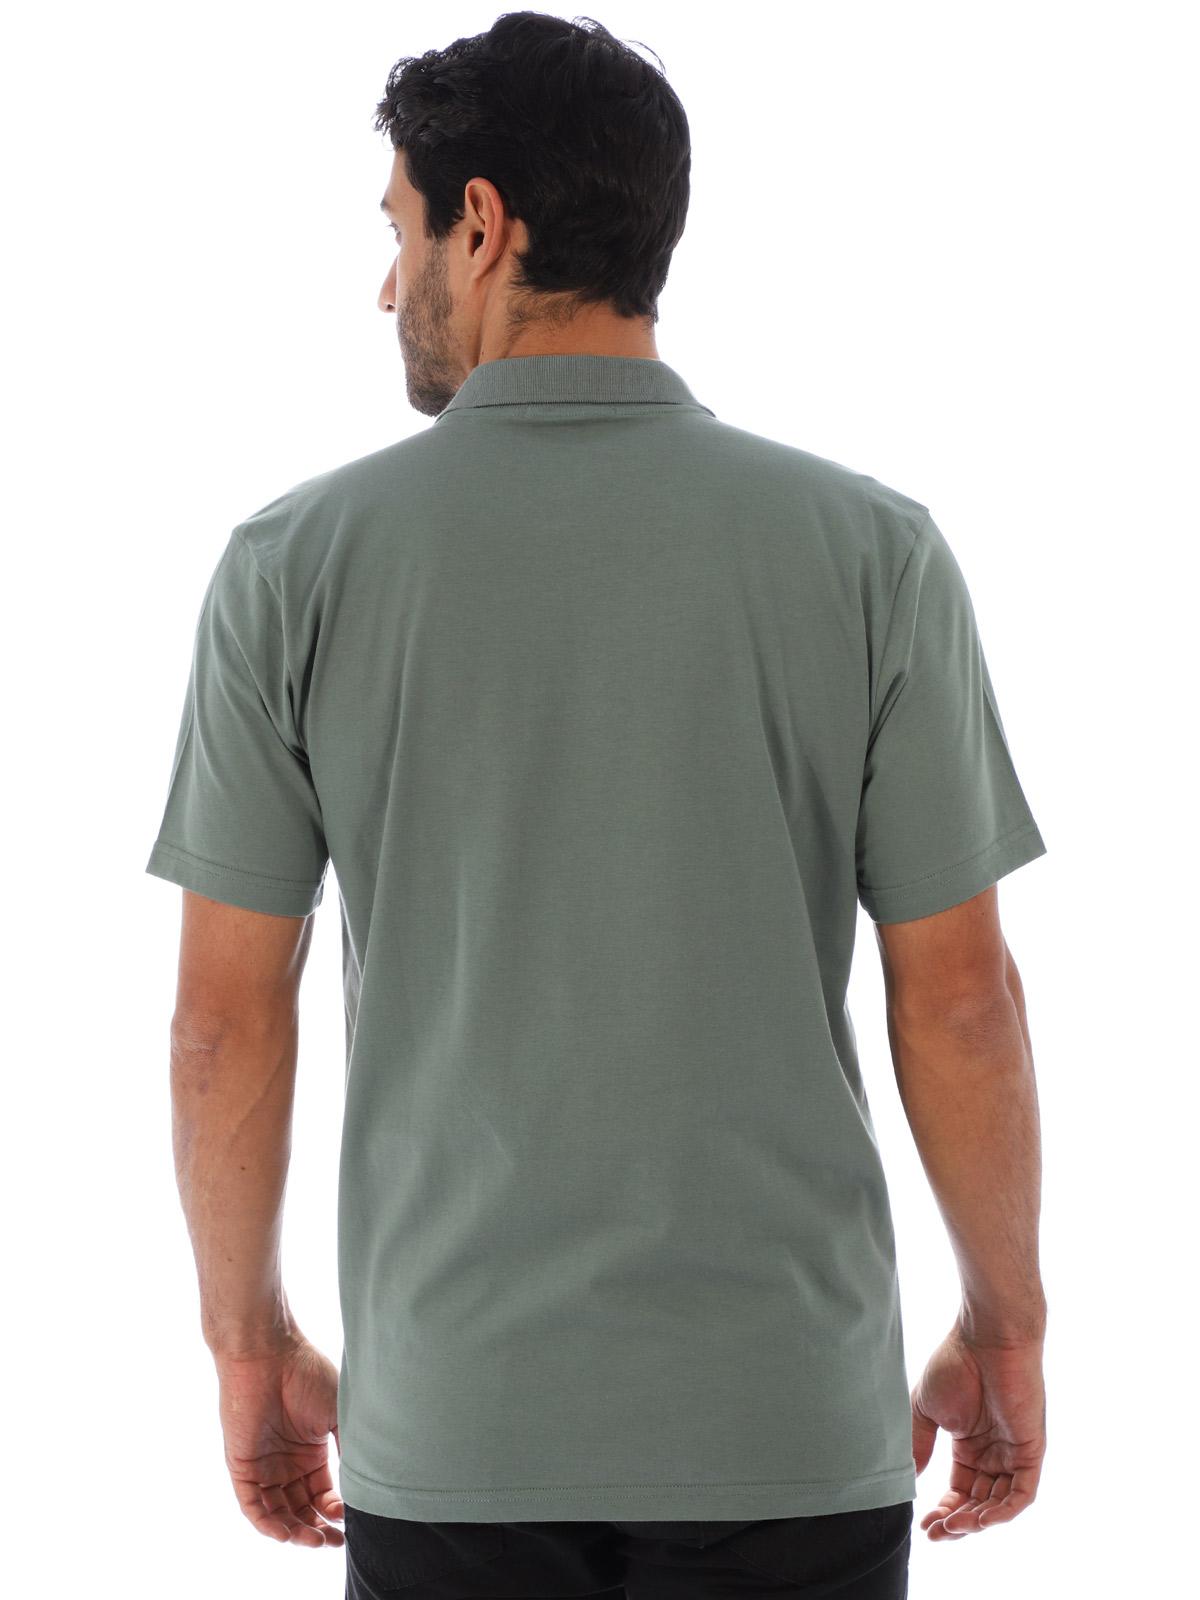 Camisa Polo Masculina com Bolso Básica Algodão Lisa Concreto